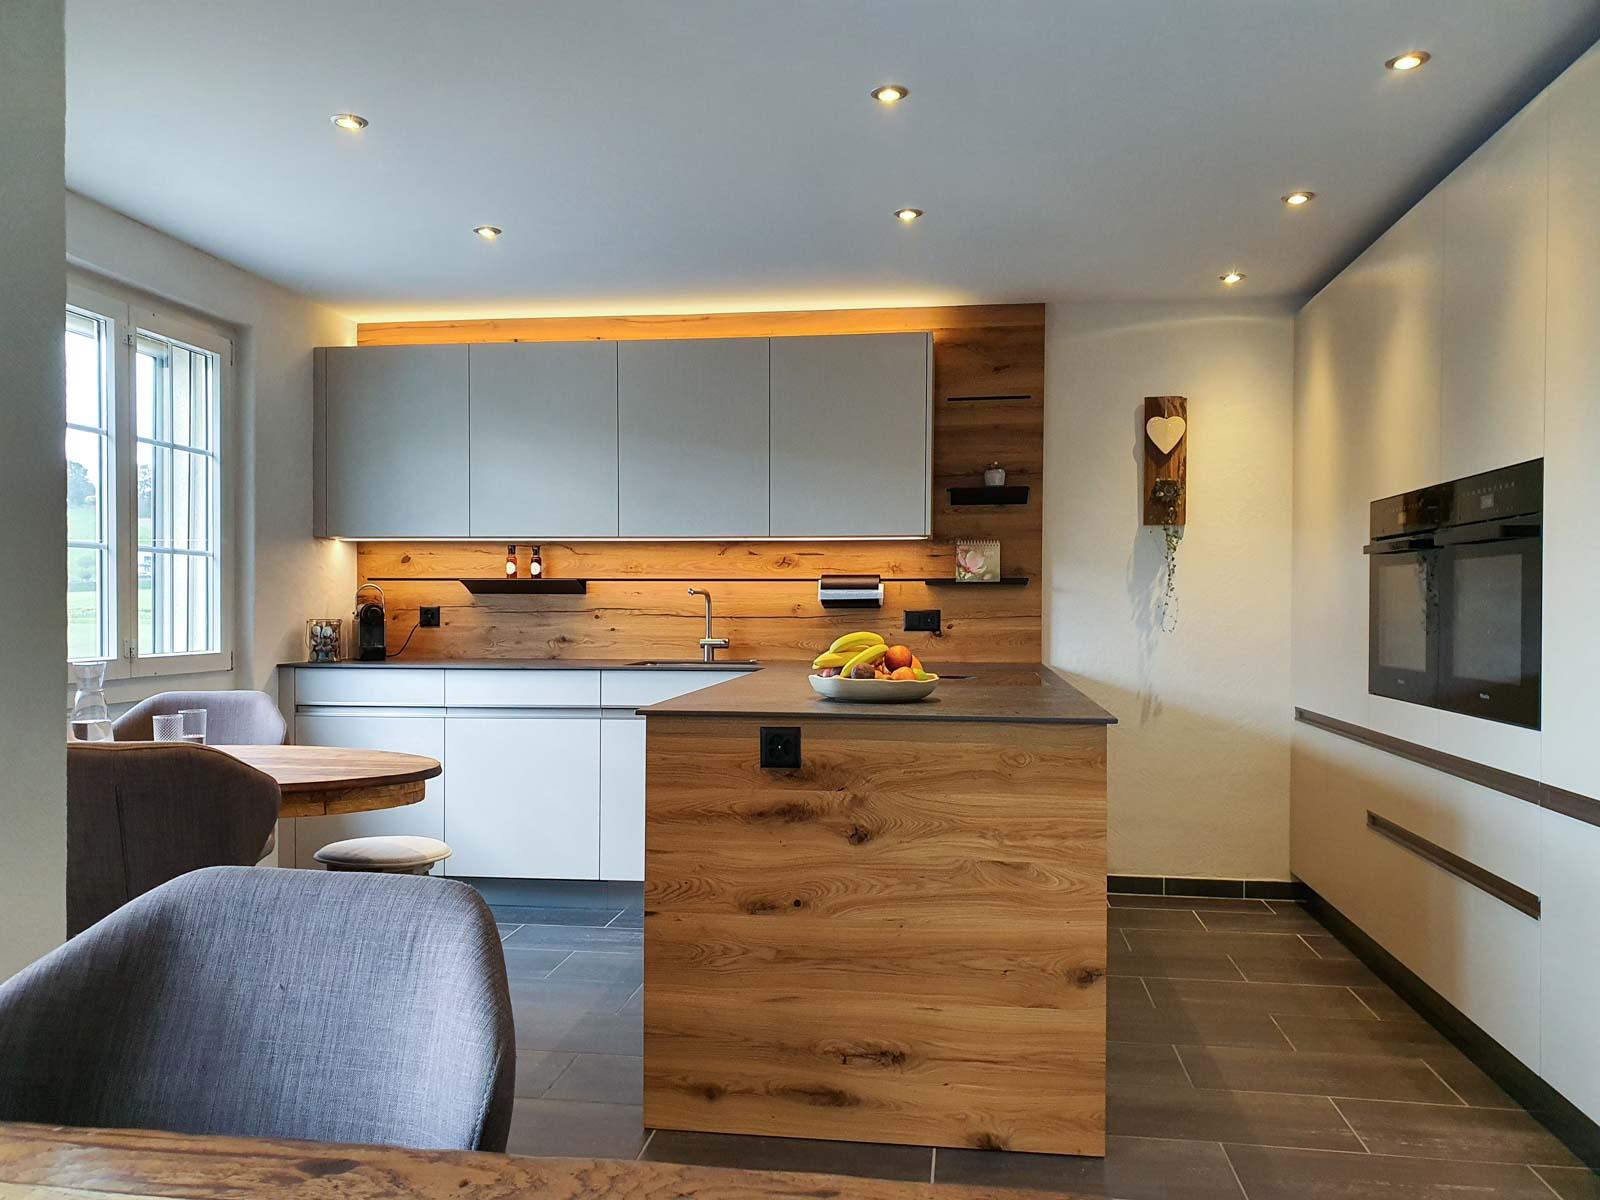 Wooddesign_Küchen_Umbau_Einbauküchen-modern_Altholz (3)